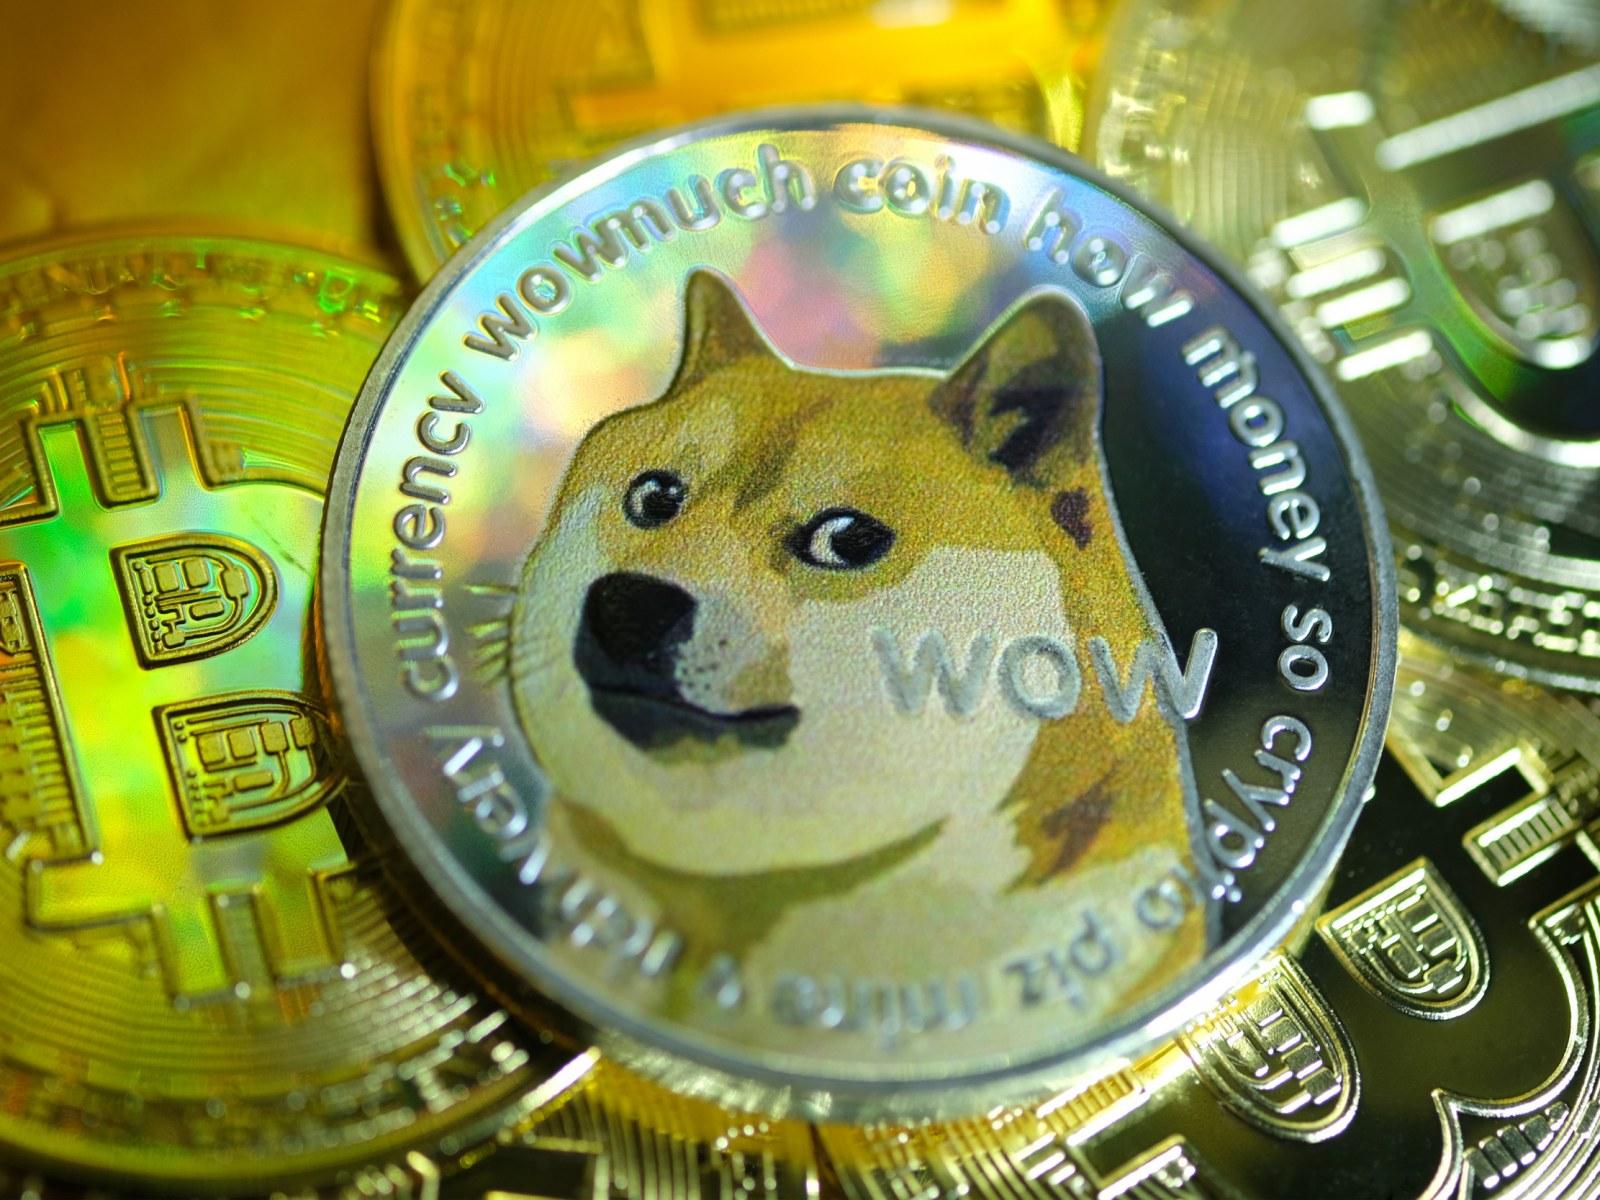 دوج كوين: كل ما عليك معرفته عن هذه العملة الرقمية - عملة مشفرة مفتوحة المصدر - أحدى العملات الرقمية المشفرة الجديدة - سلسلة الكتل